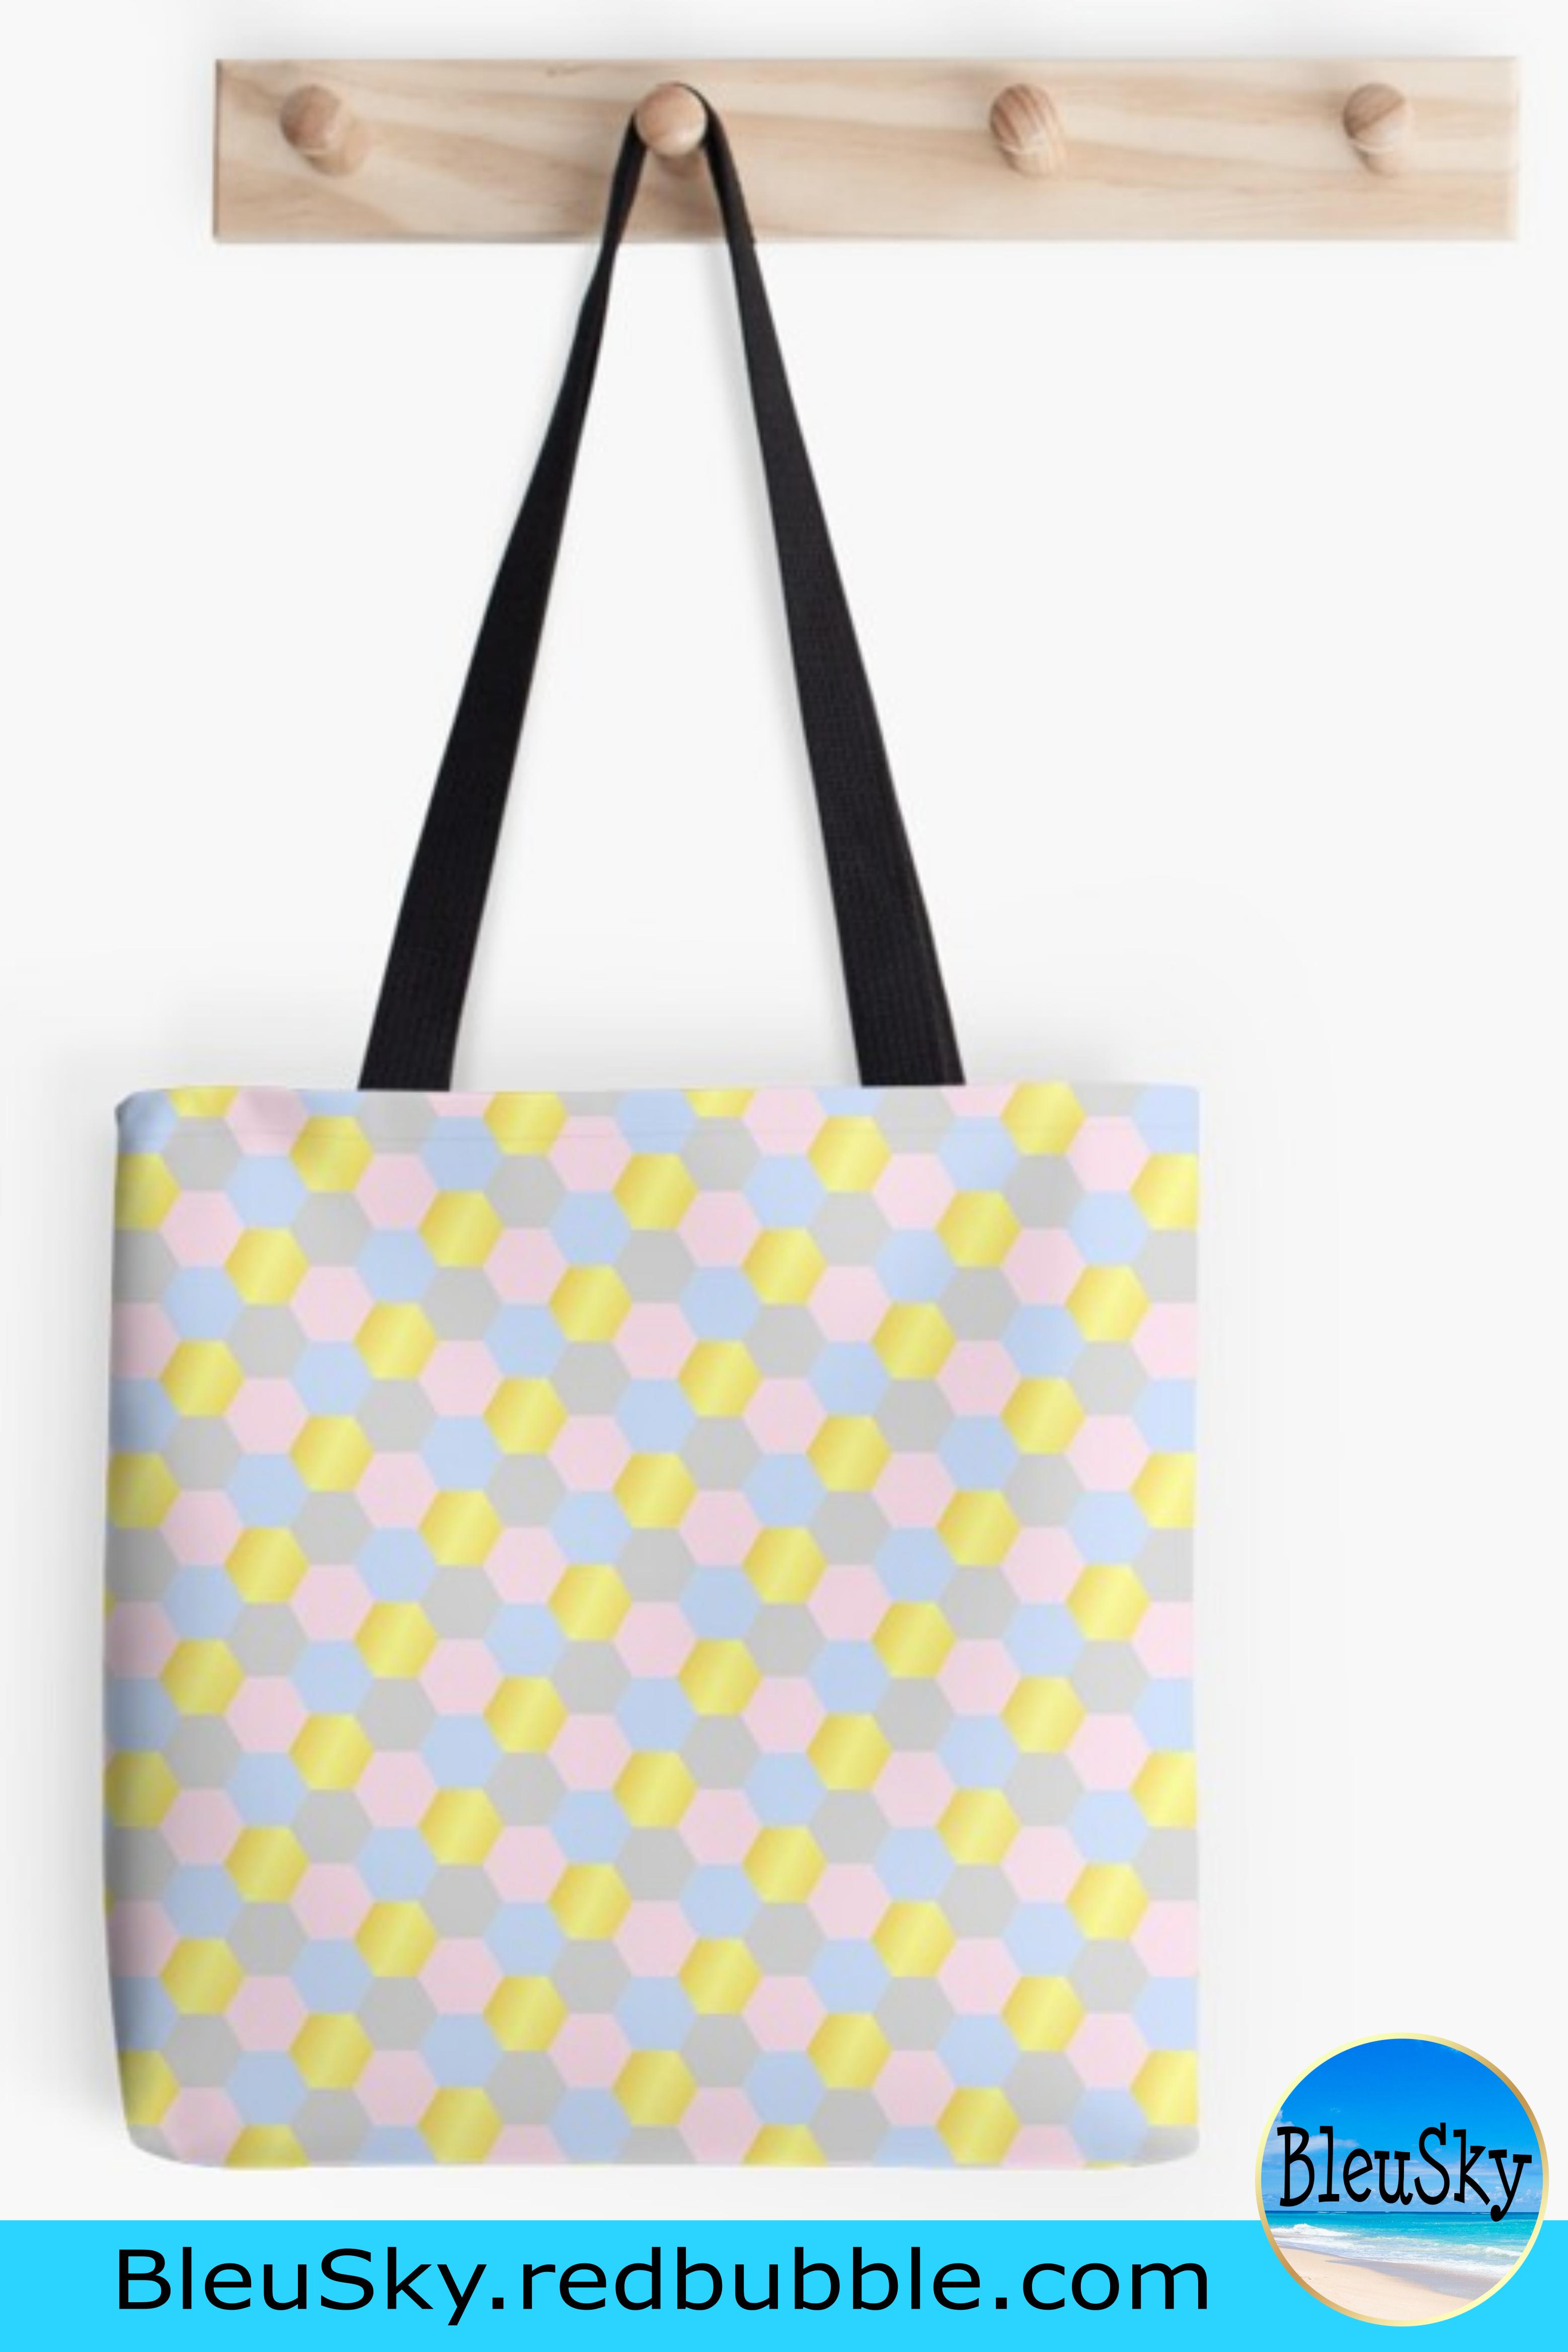 Tote Bag Pastel Gold Hexagon Design Tote Bag Pattern Tote Bag Bags